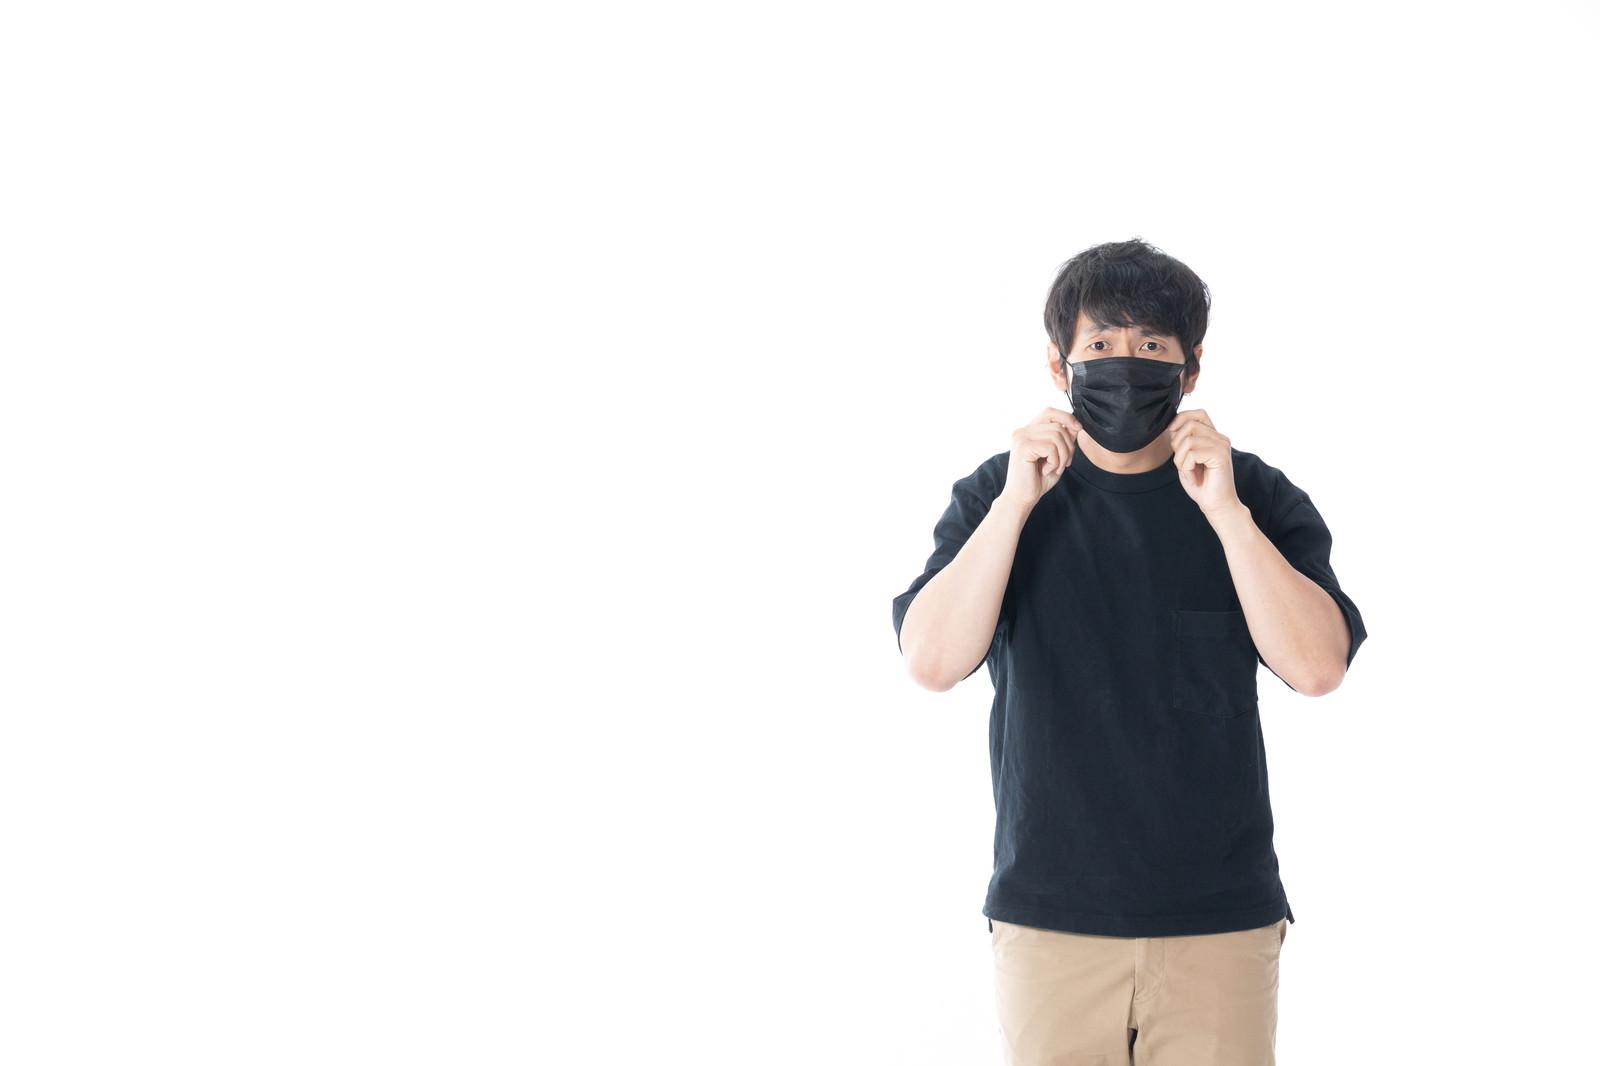 「黒マスク男子」[モデル:大川竜弥]